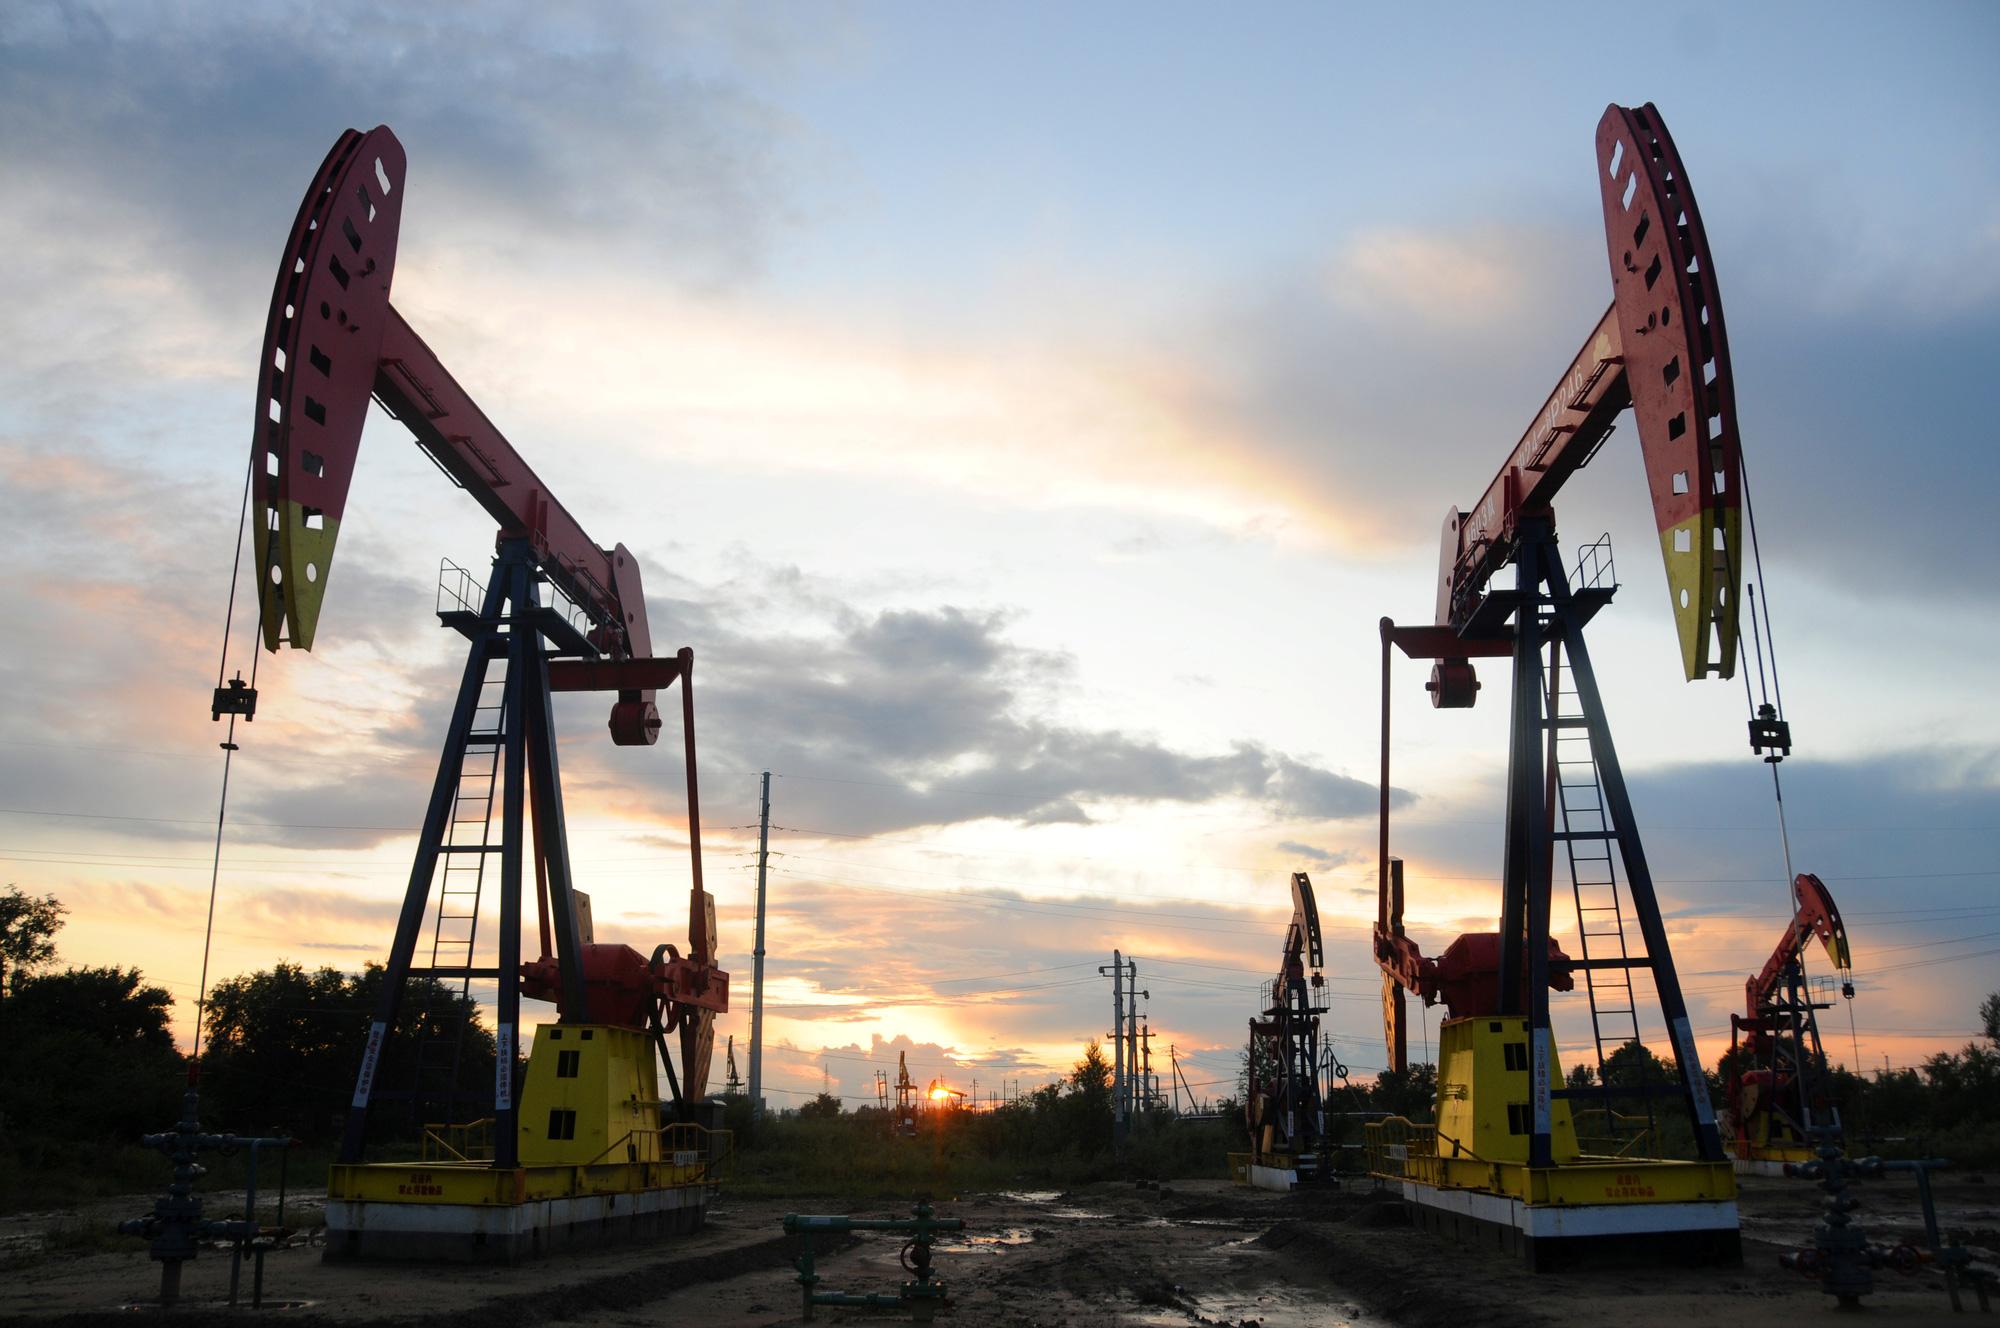 Giá xăng dầu hôm nay 20/7: Giá dầu giảm hơn 5% khi OPEC chuẩn bị tăng sản lượng - Ảnh 1.